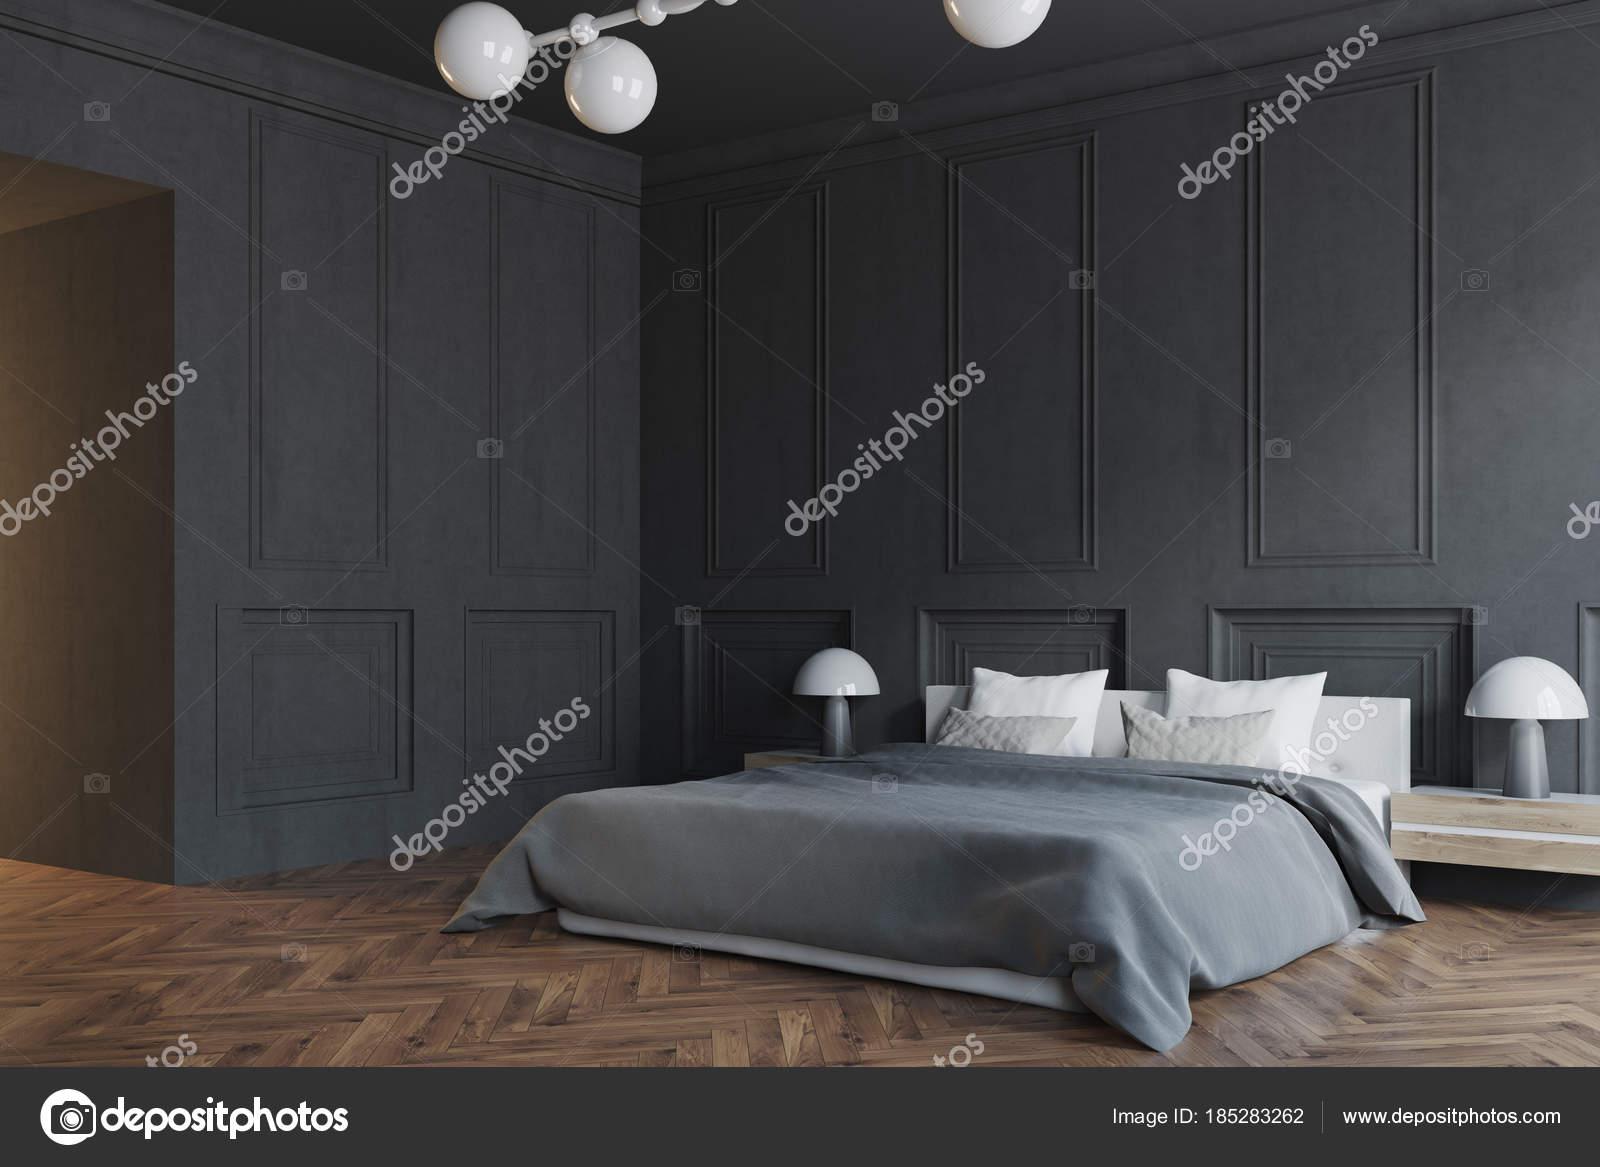 Stilvolle Schlafzimmer Interior Schwarze Seite Stockfoto